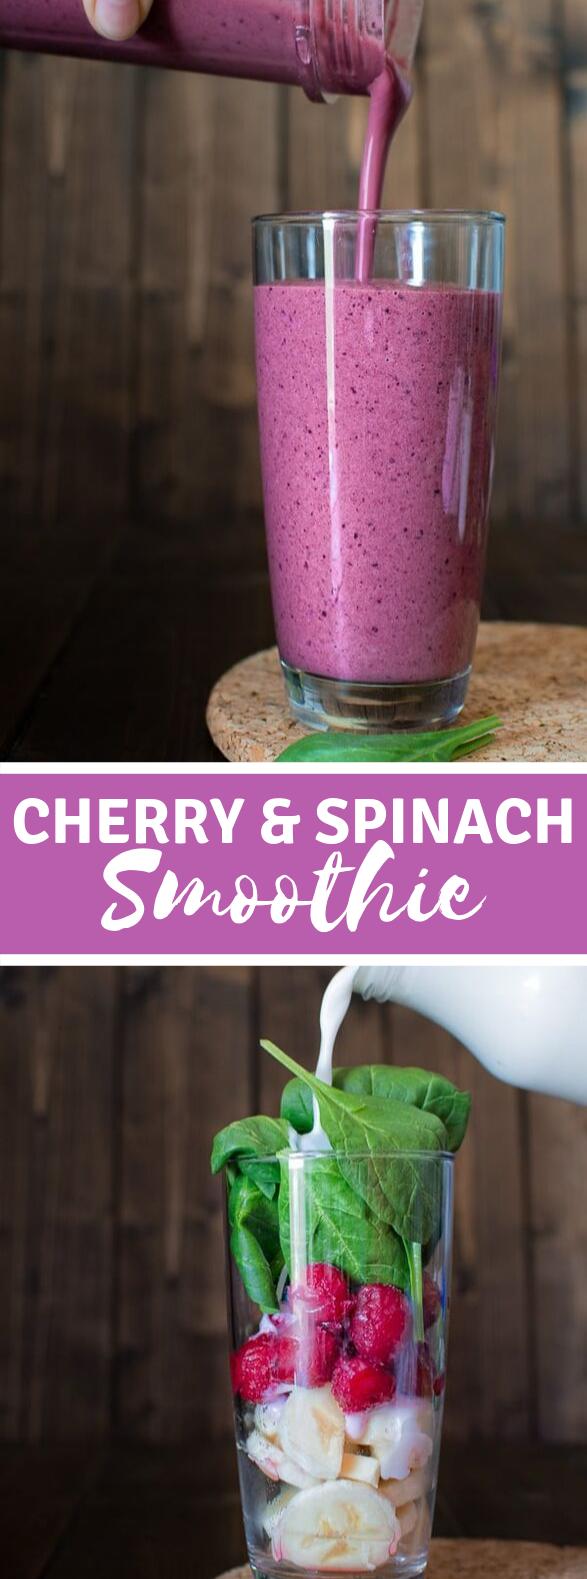 CHERRY SPINACH SMOOTHIE #healthydrink #breakfast